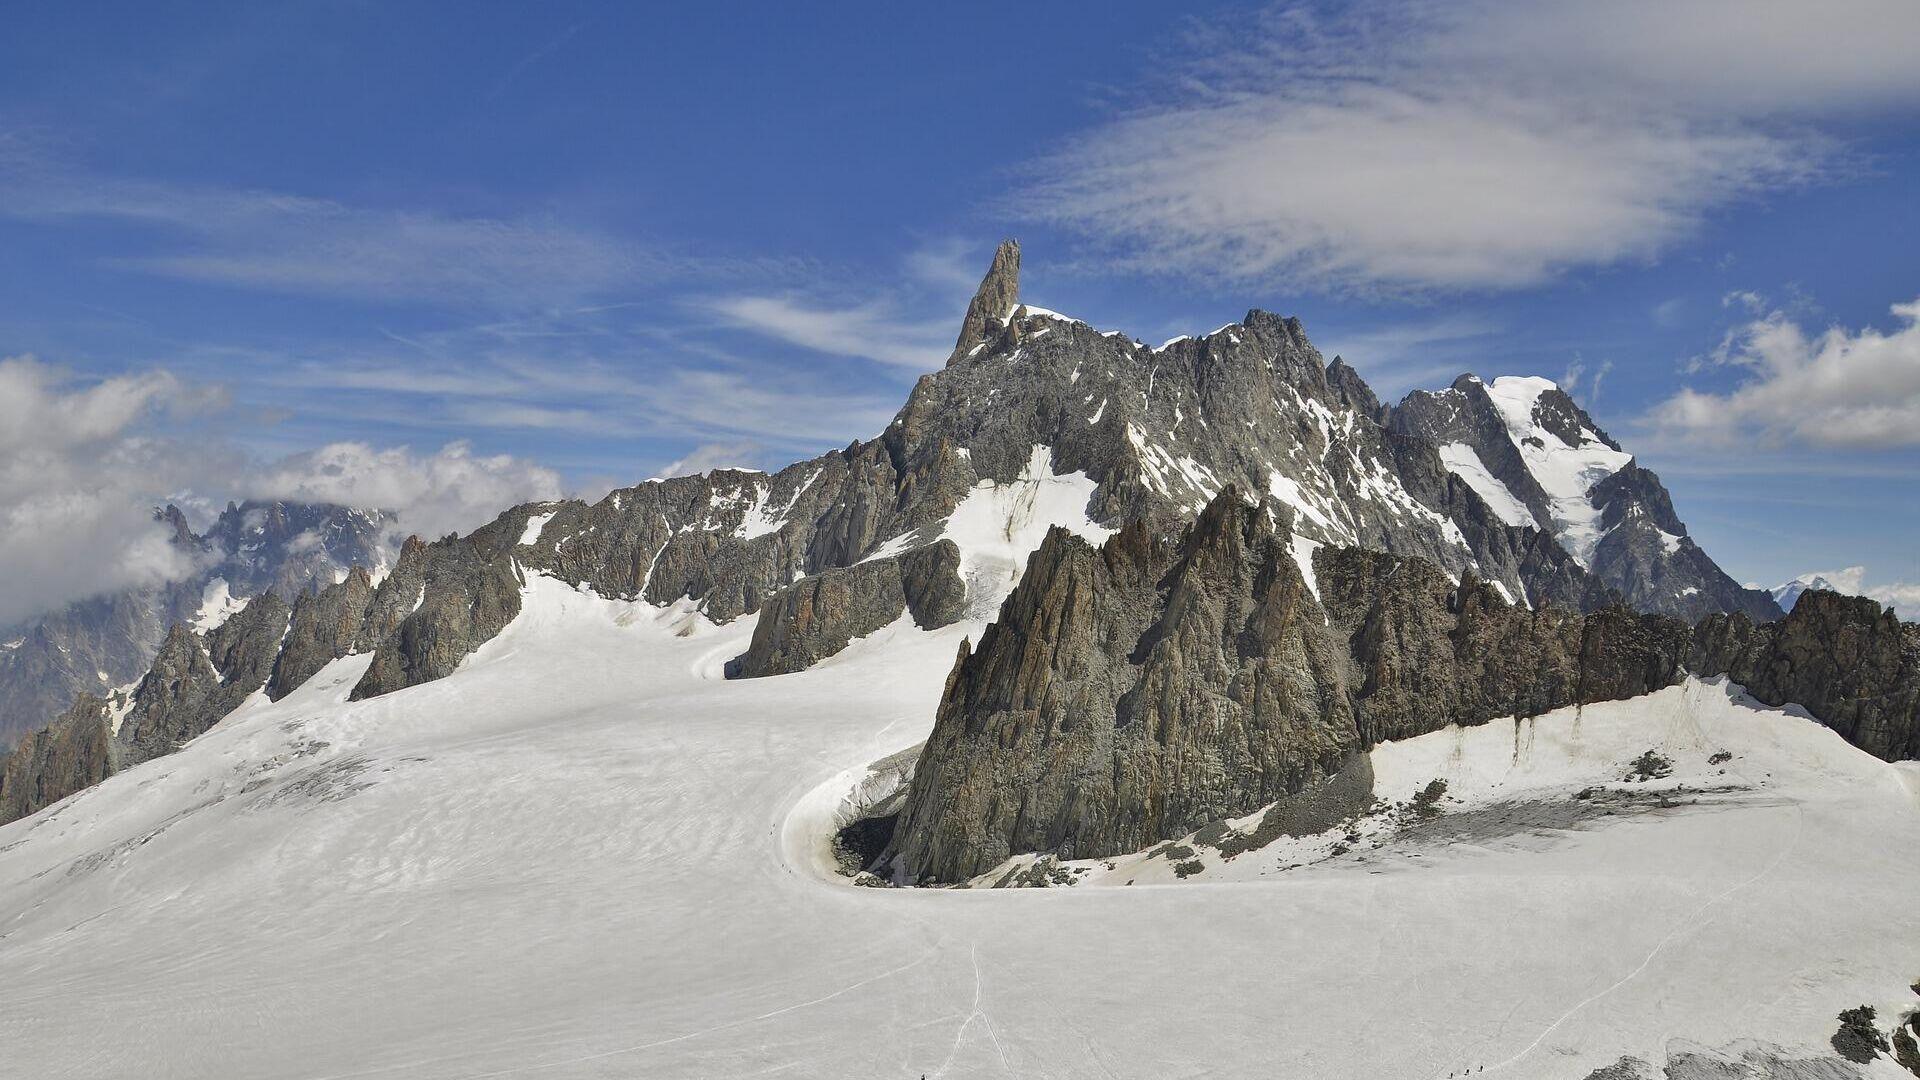 El Monte Blanco, la cima más alta de los Alpes - Sputnik Mundo, 1920, 30.09.2021